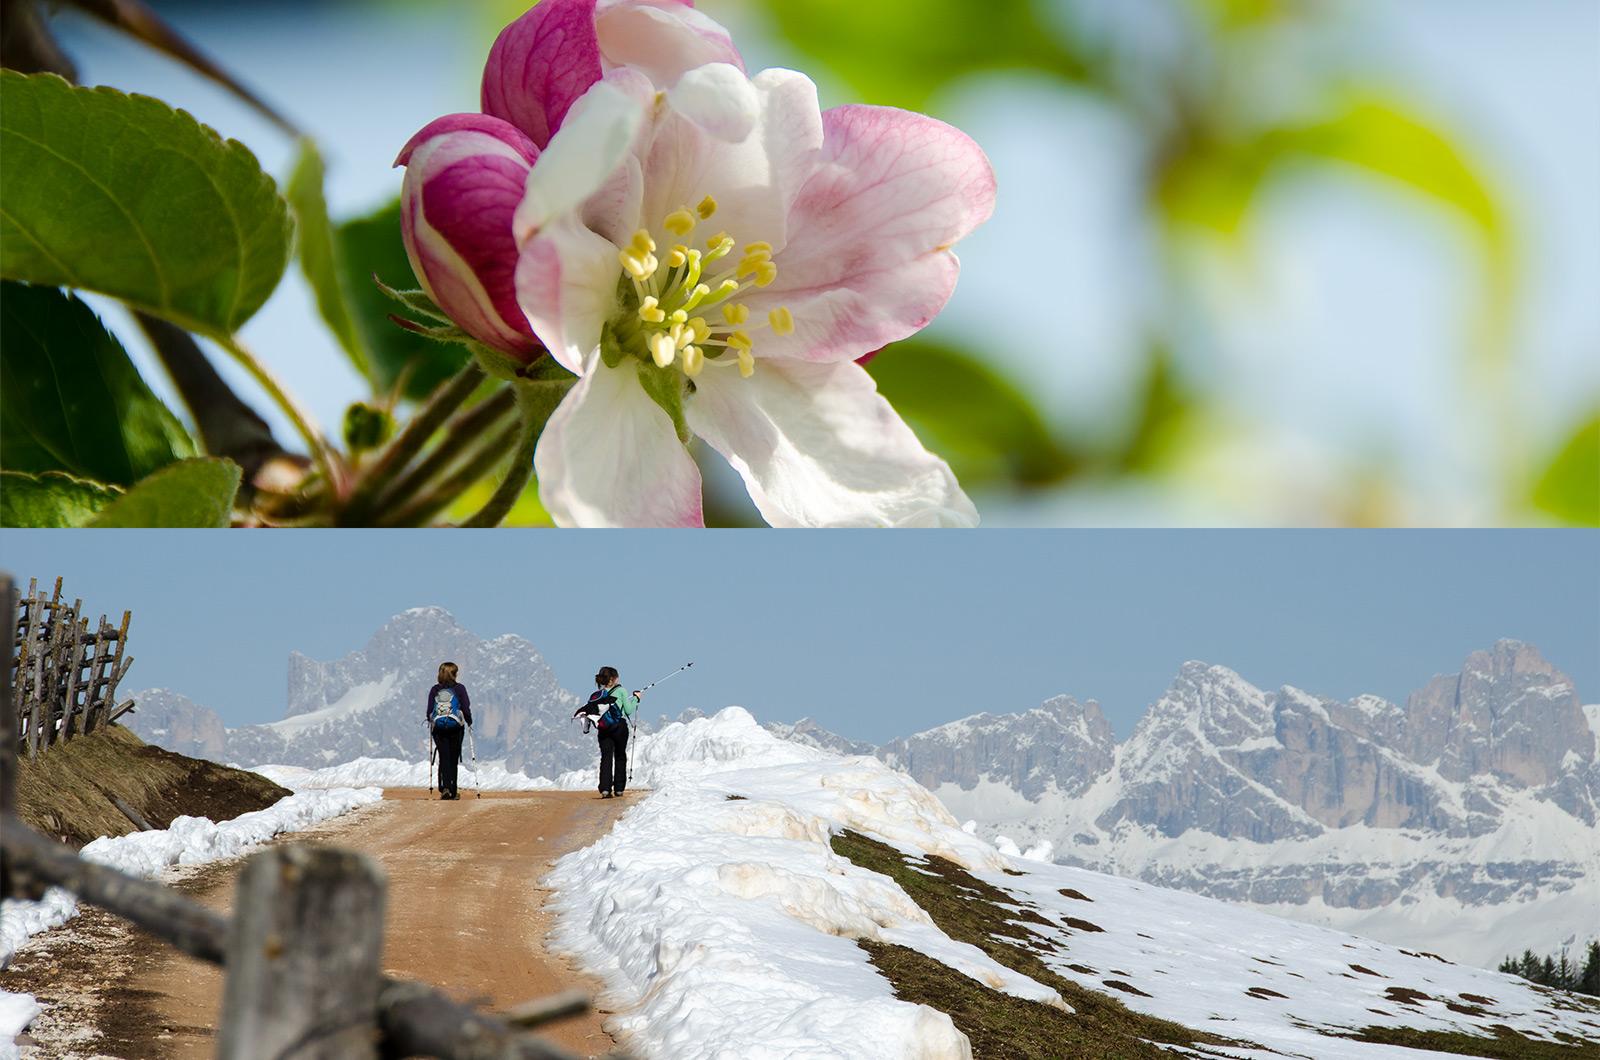 Apfelbaum Blüte und Schneewandern